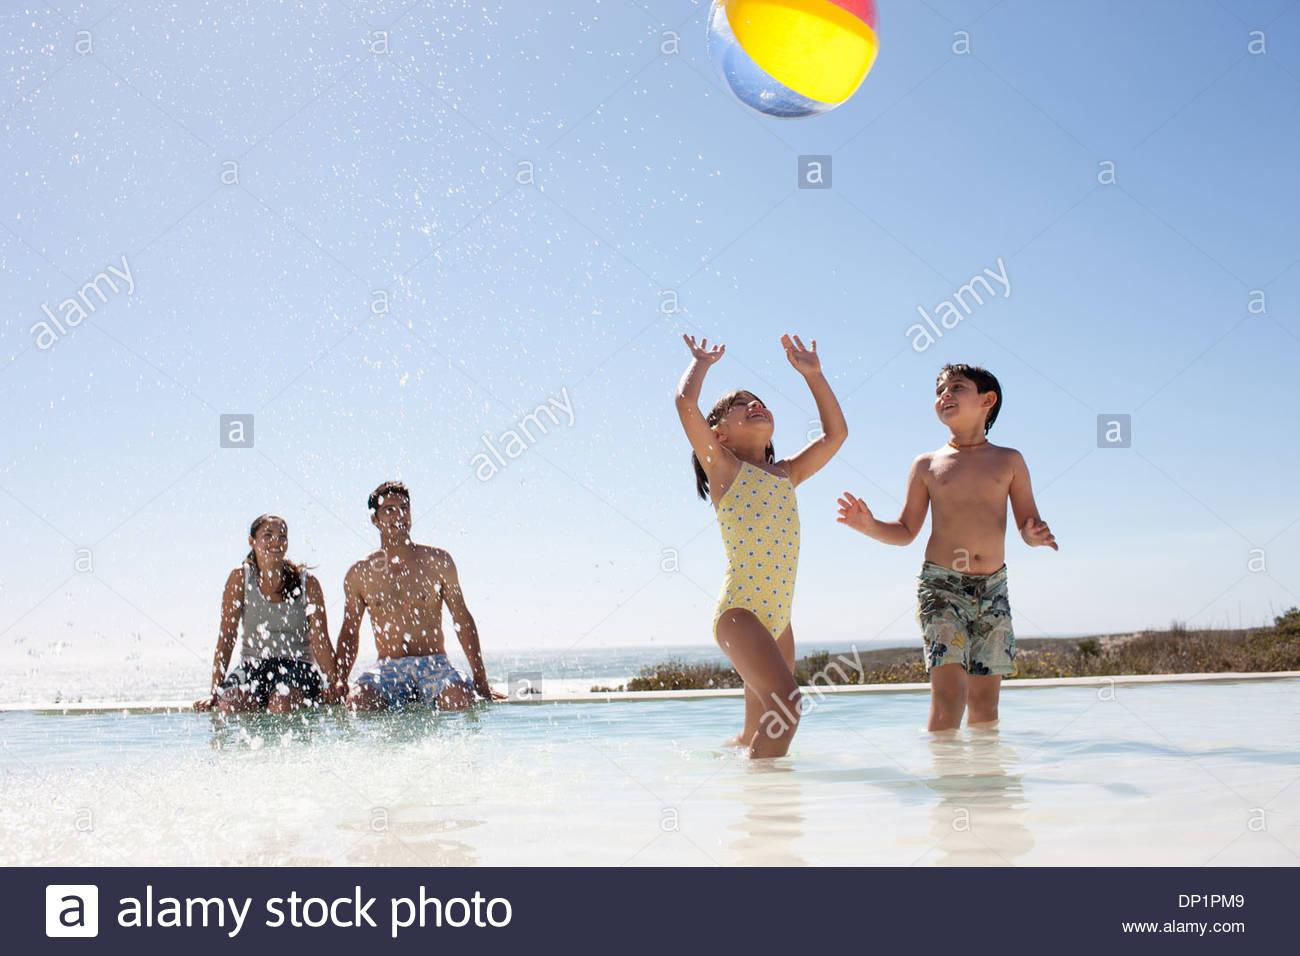 La famiglia gioca con la palla in piscina Immagini Stock